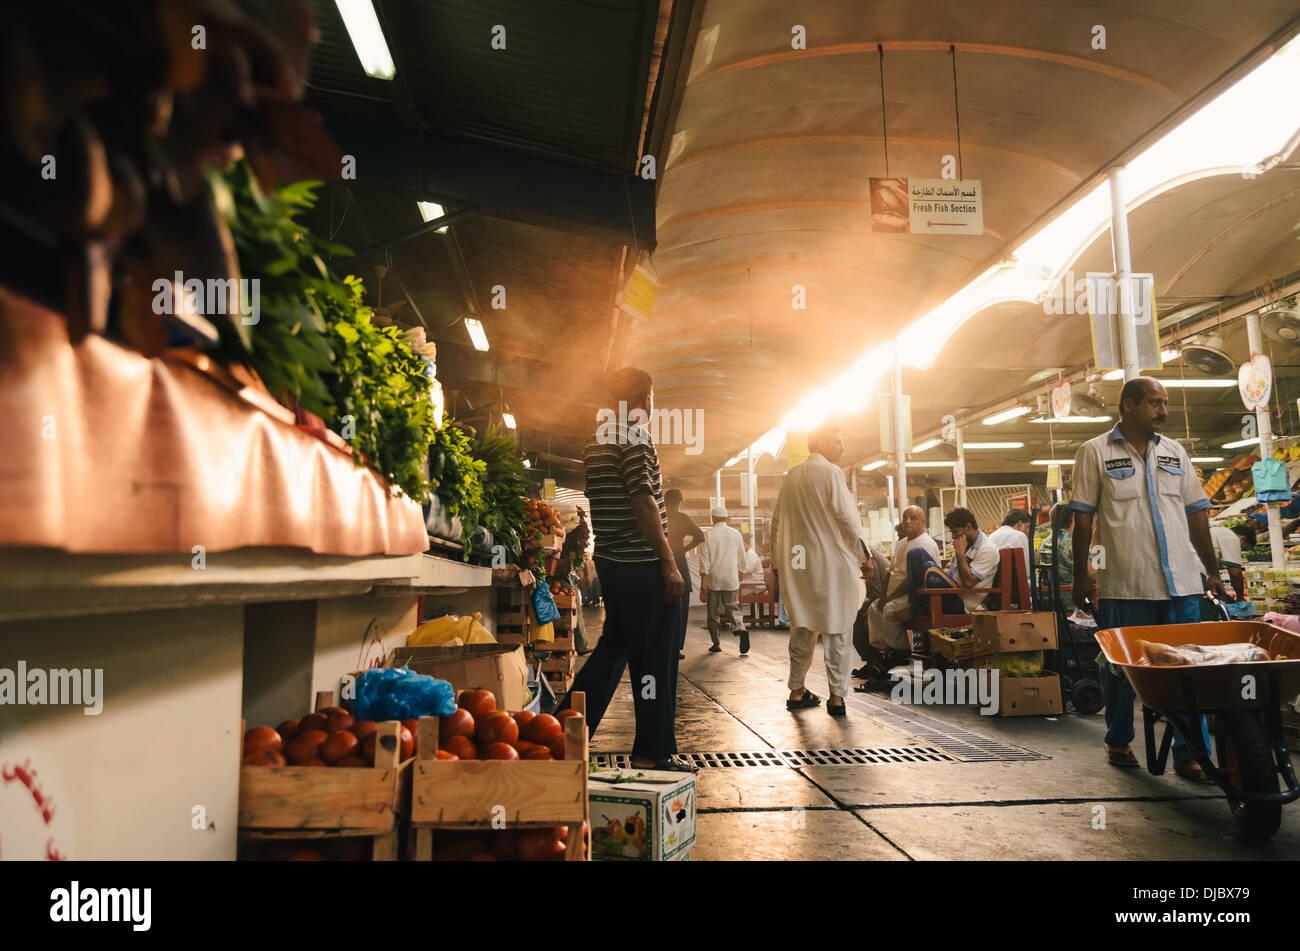 Arabische Männer zu Fuß entlang der Korridore in Deiras Obst- und Gemüsemarkt bei Sonnenaufgang. Stockbild